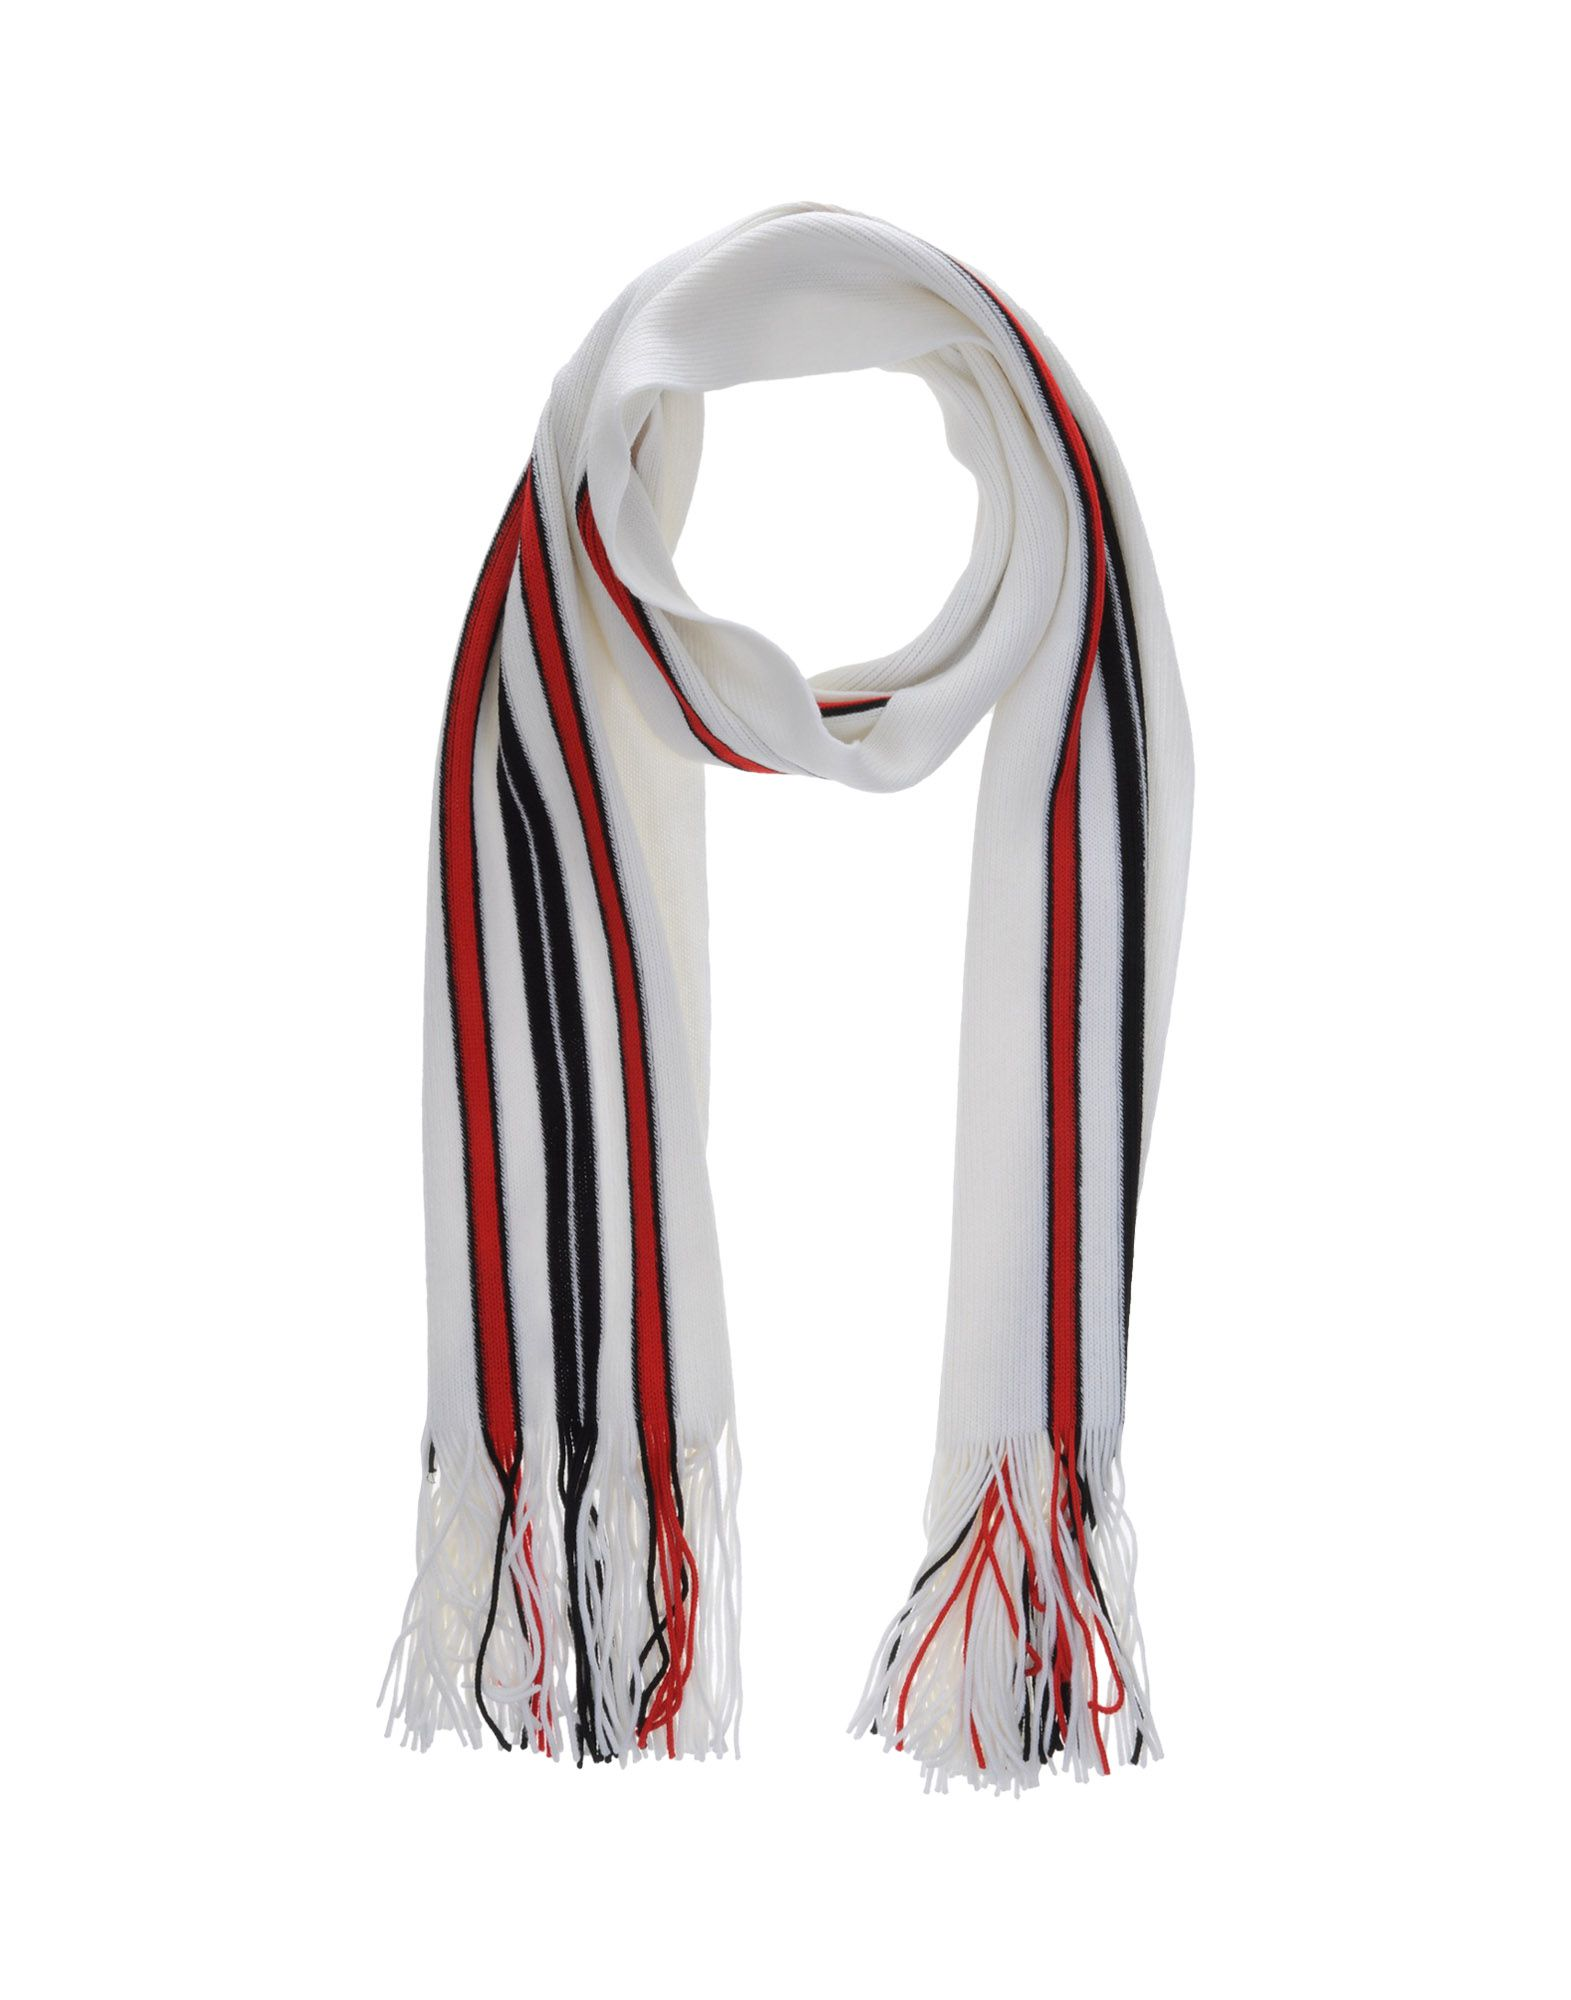 PAOLO ERRICO Damen Schal Farbe Weiß Größe 1 - broschei